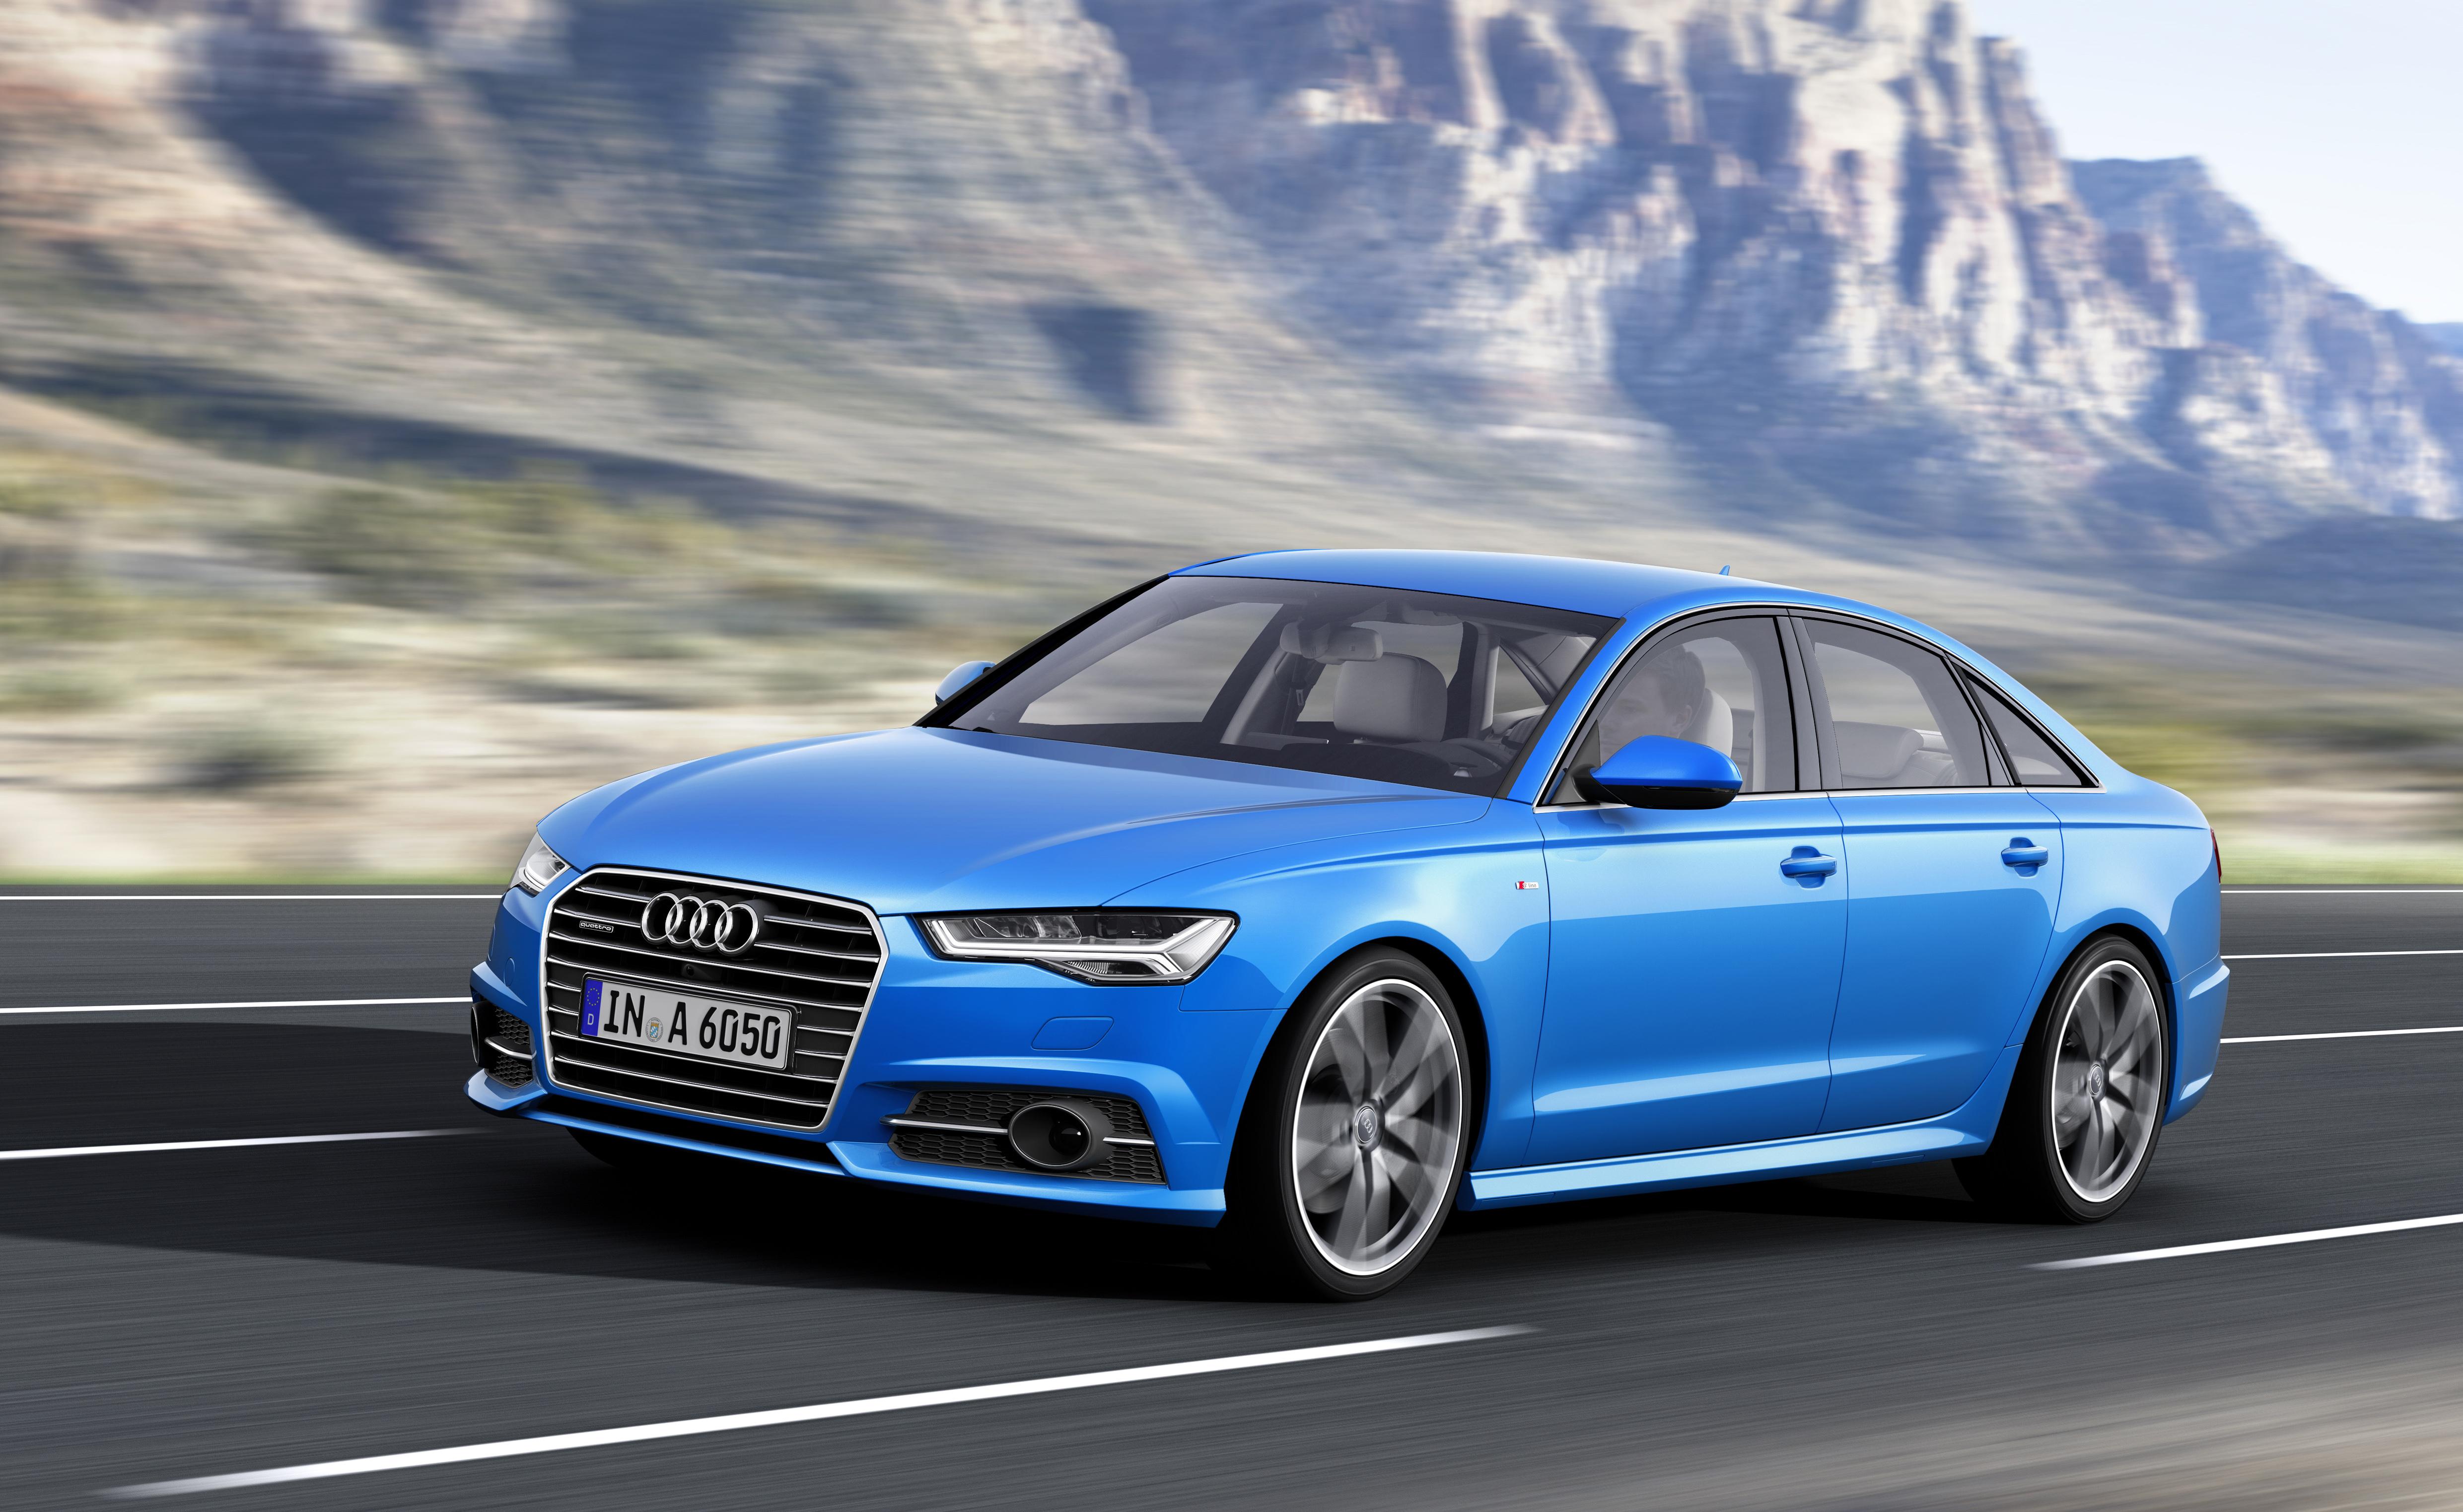 Audi A6 : un fin restylage et plus de puissance pour toute la gamme !